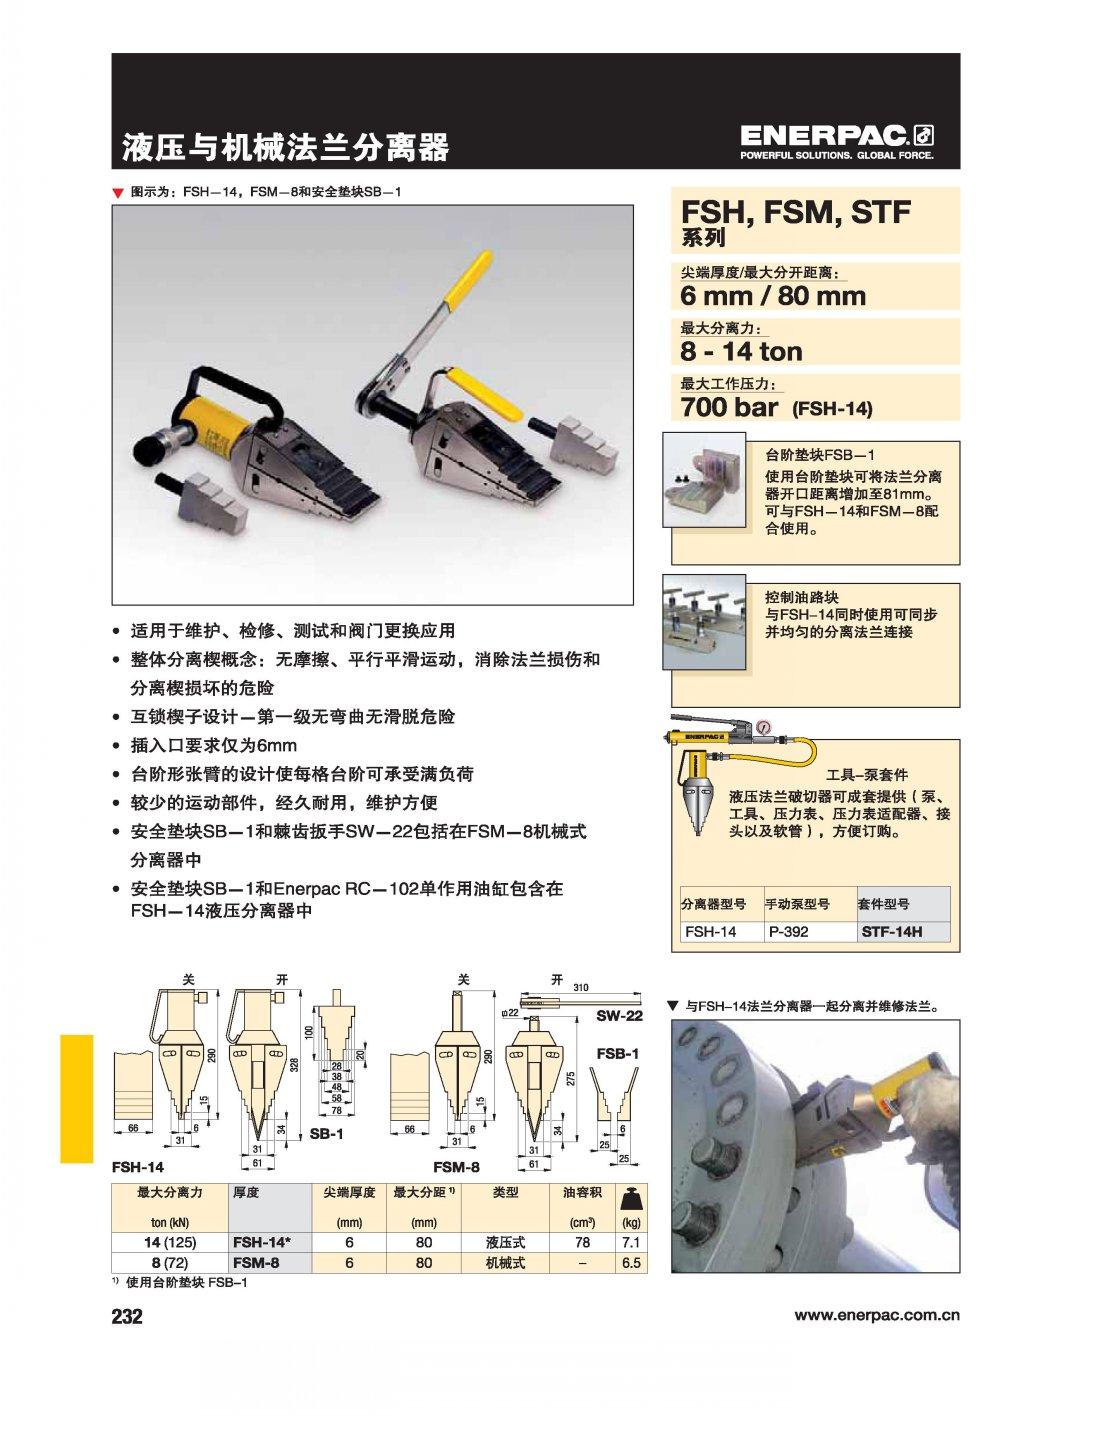 恩派克中文公制-e328c - 0234[1].jpg